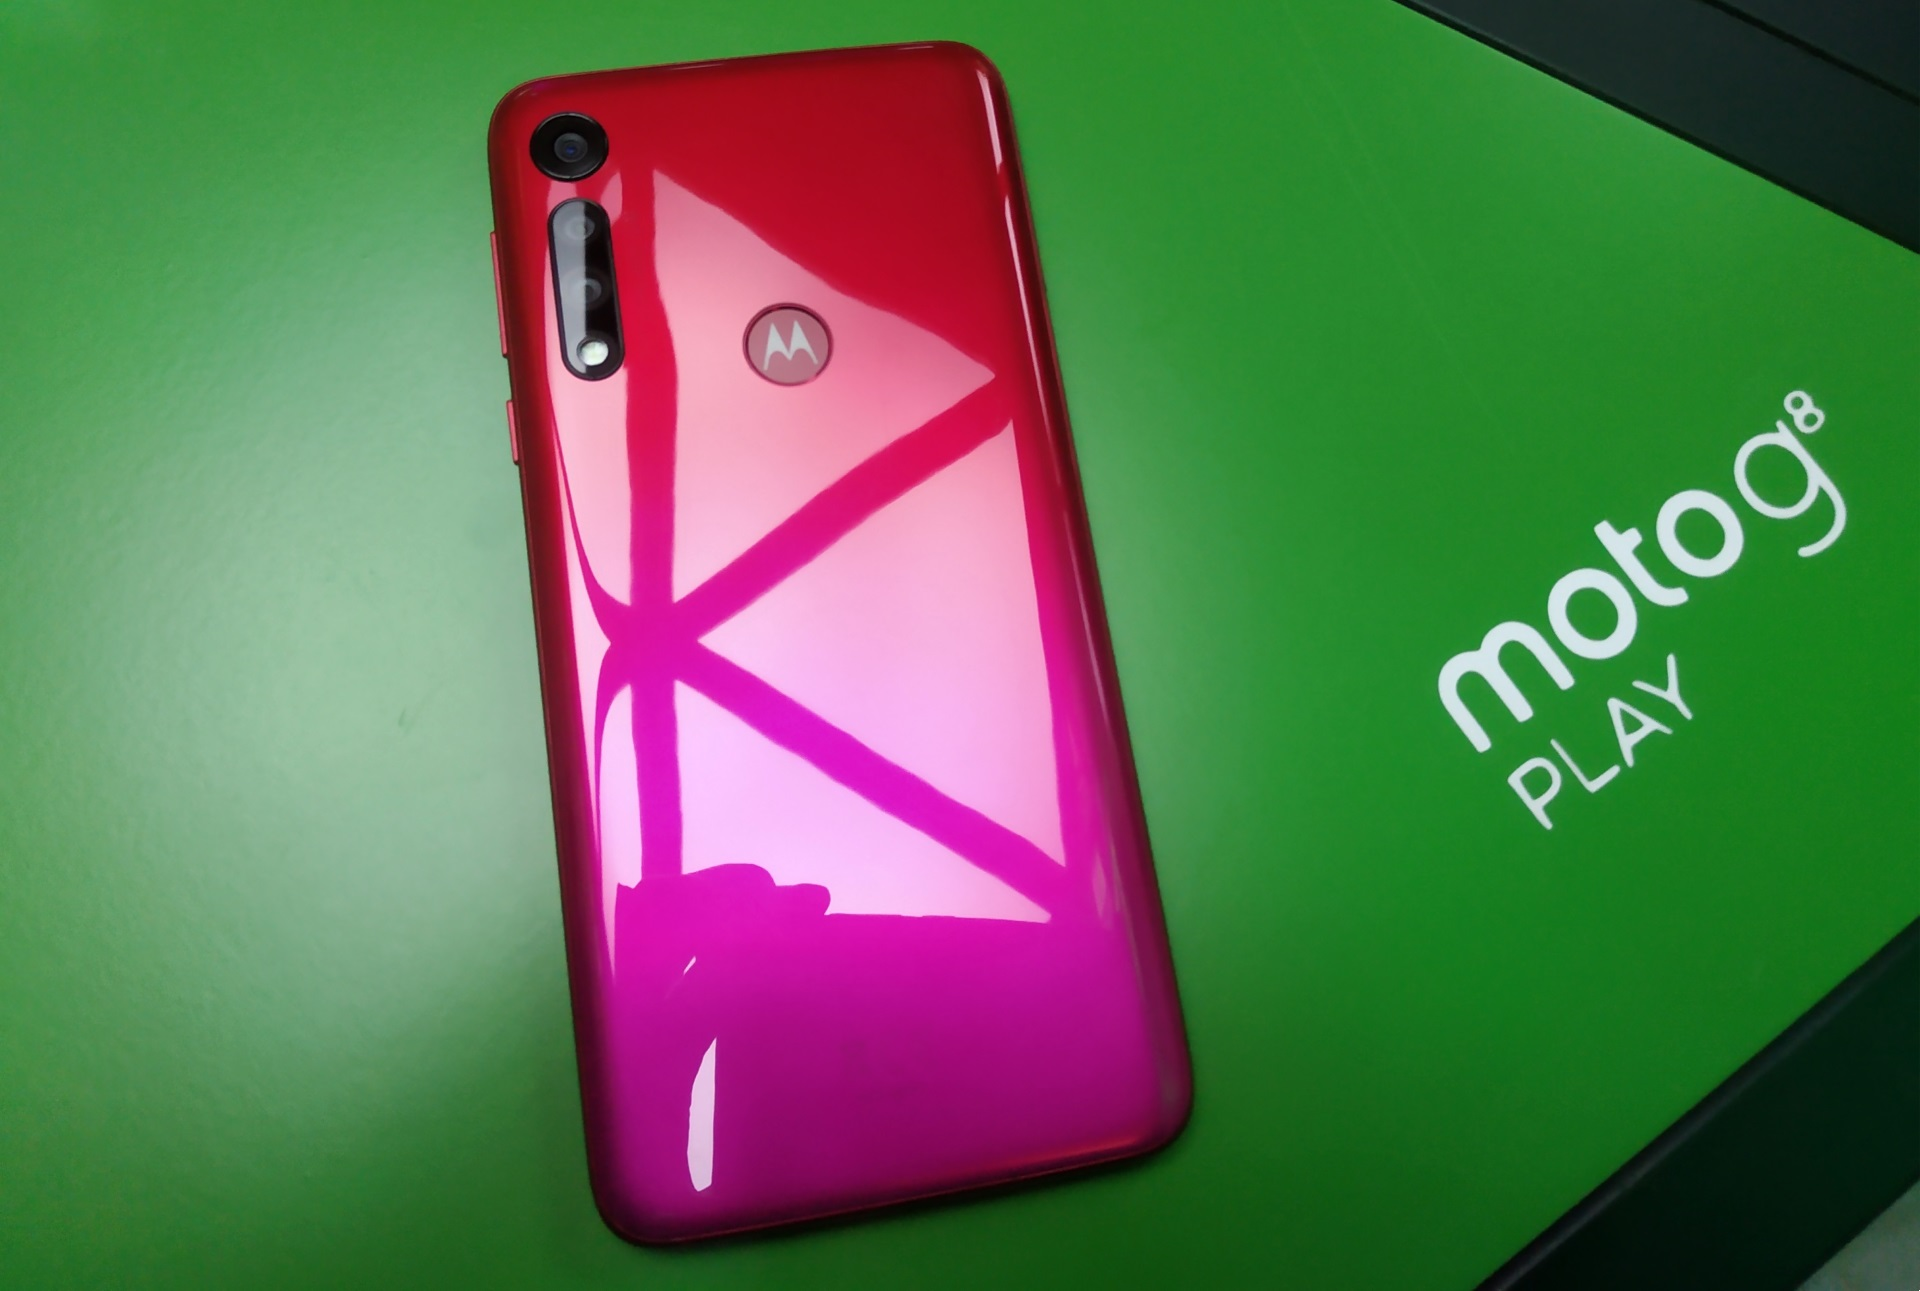 المراجعة الكاملة لهاتف Motorola الجديد Motorola G8 Play